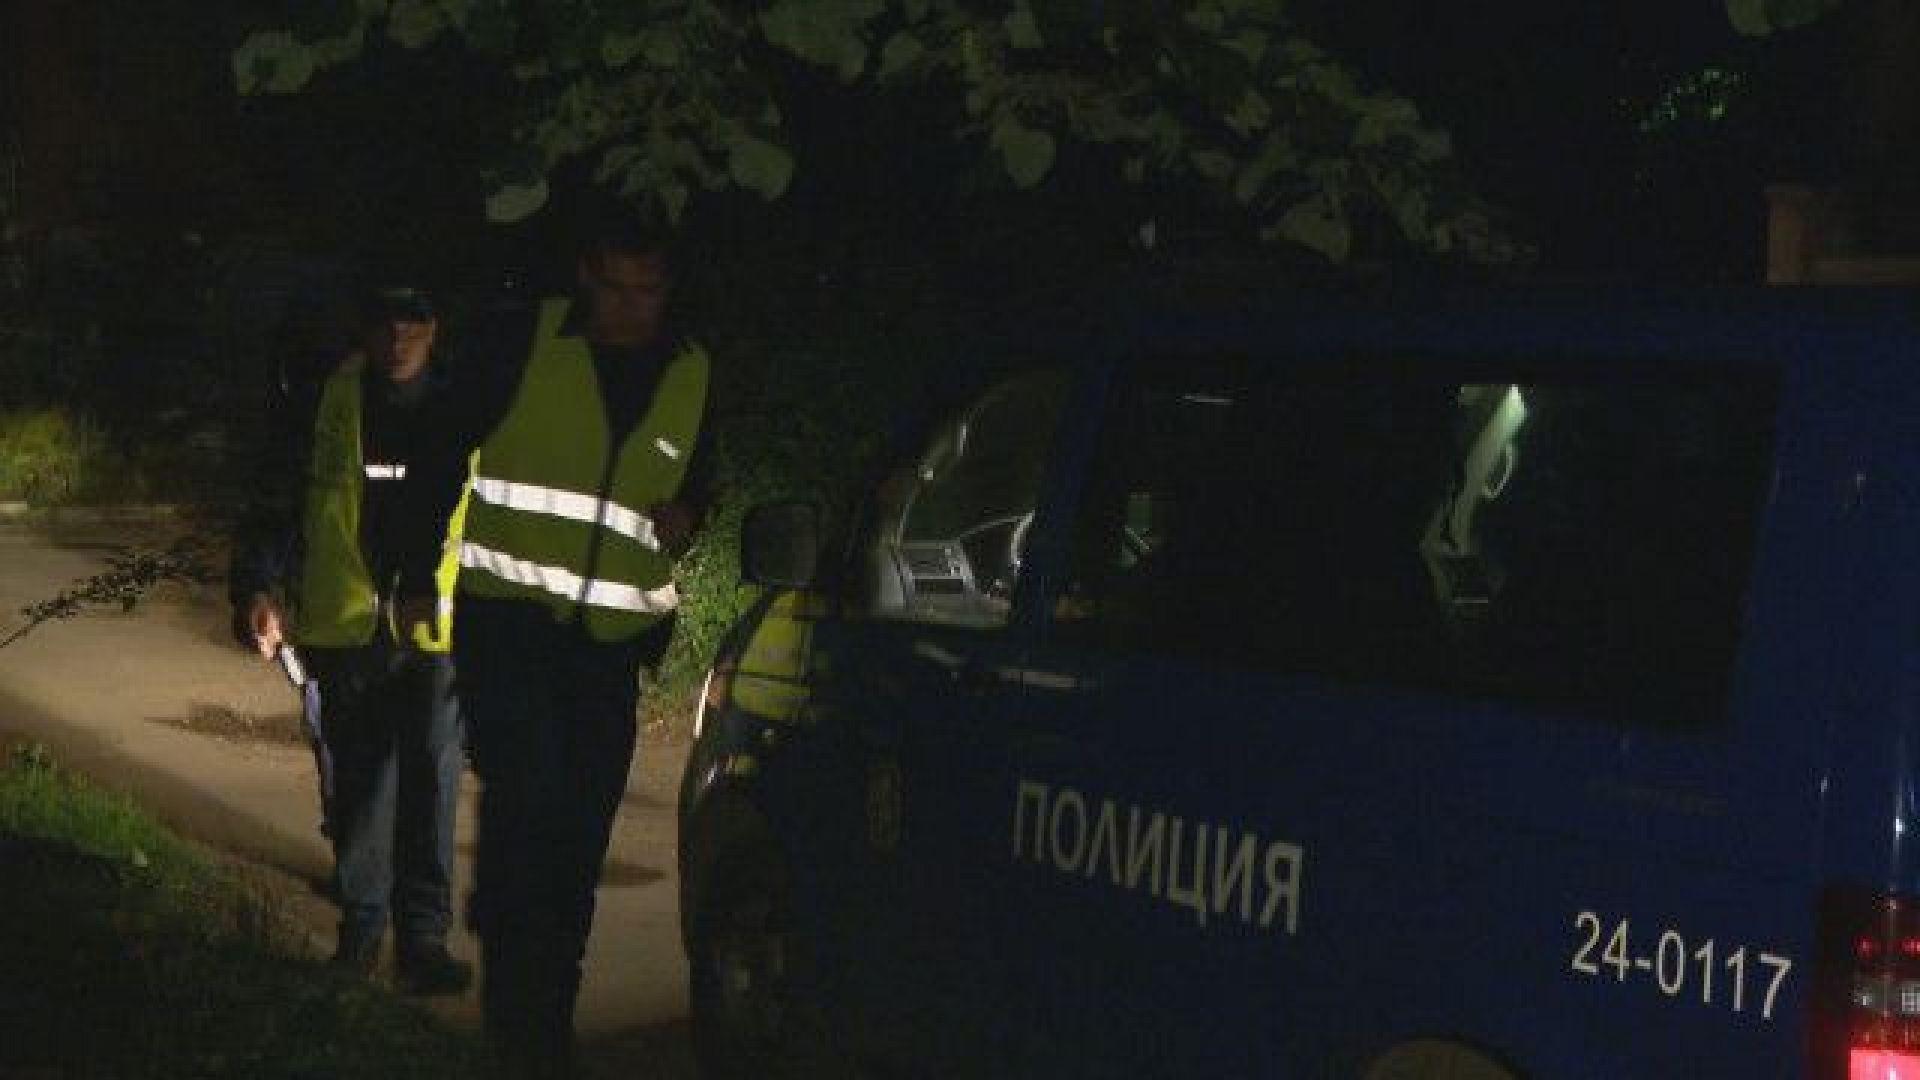 16-годишно момче е наръгано тази вечер в района на хотел